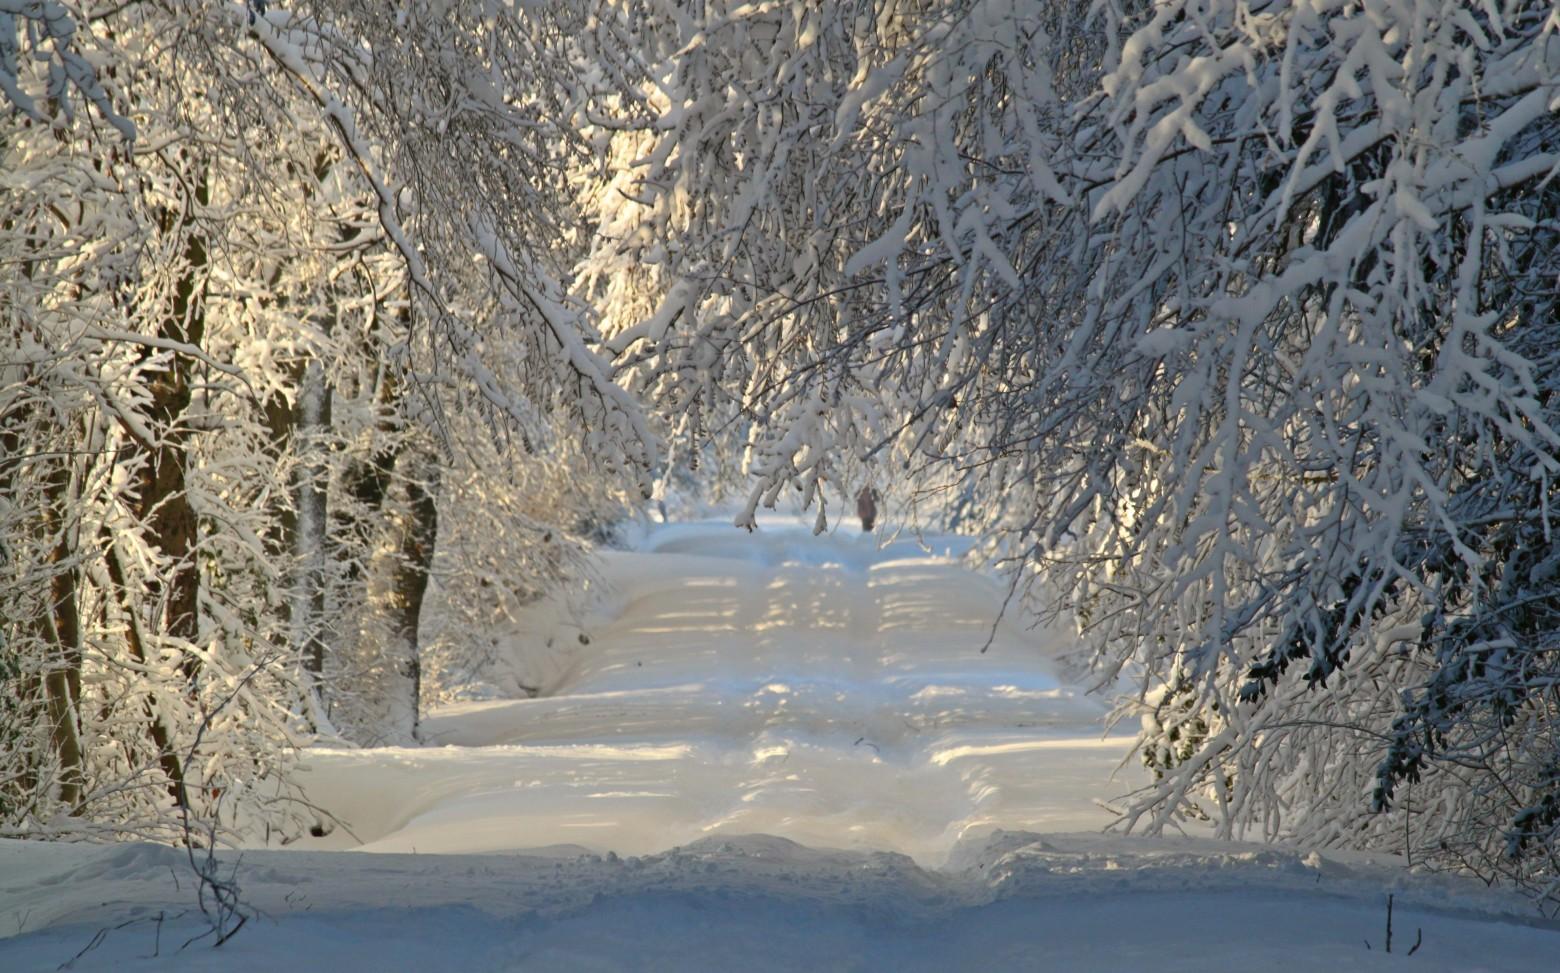 Neige hiver paysage nature for t sapin photos gratuites - Photos de neige gratuites ...